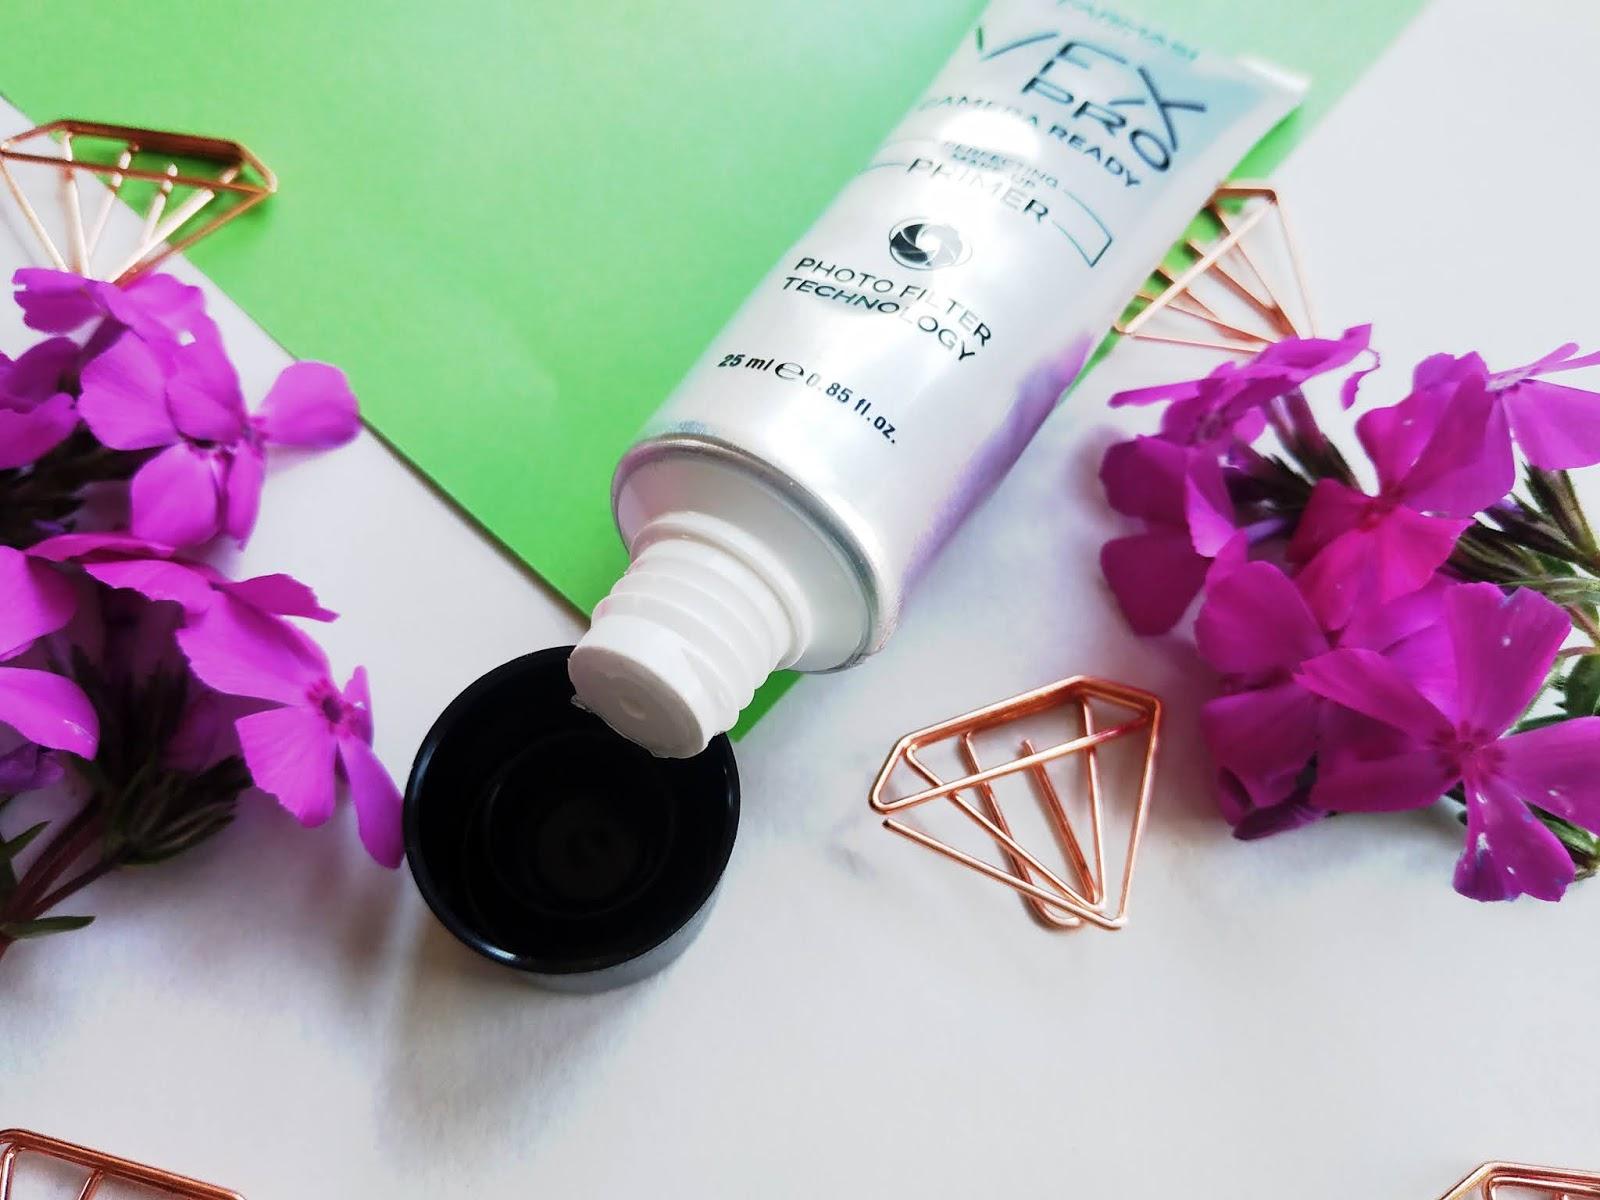 kosmetyki od farmasi skład bazy pod makijaż vfx pro camera ready